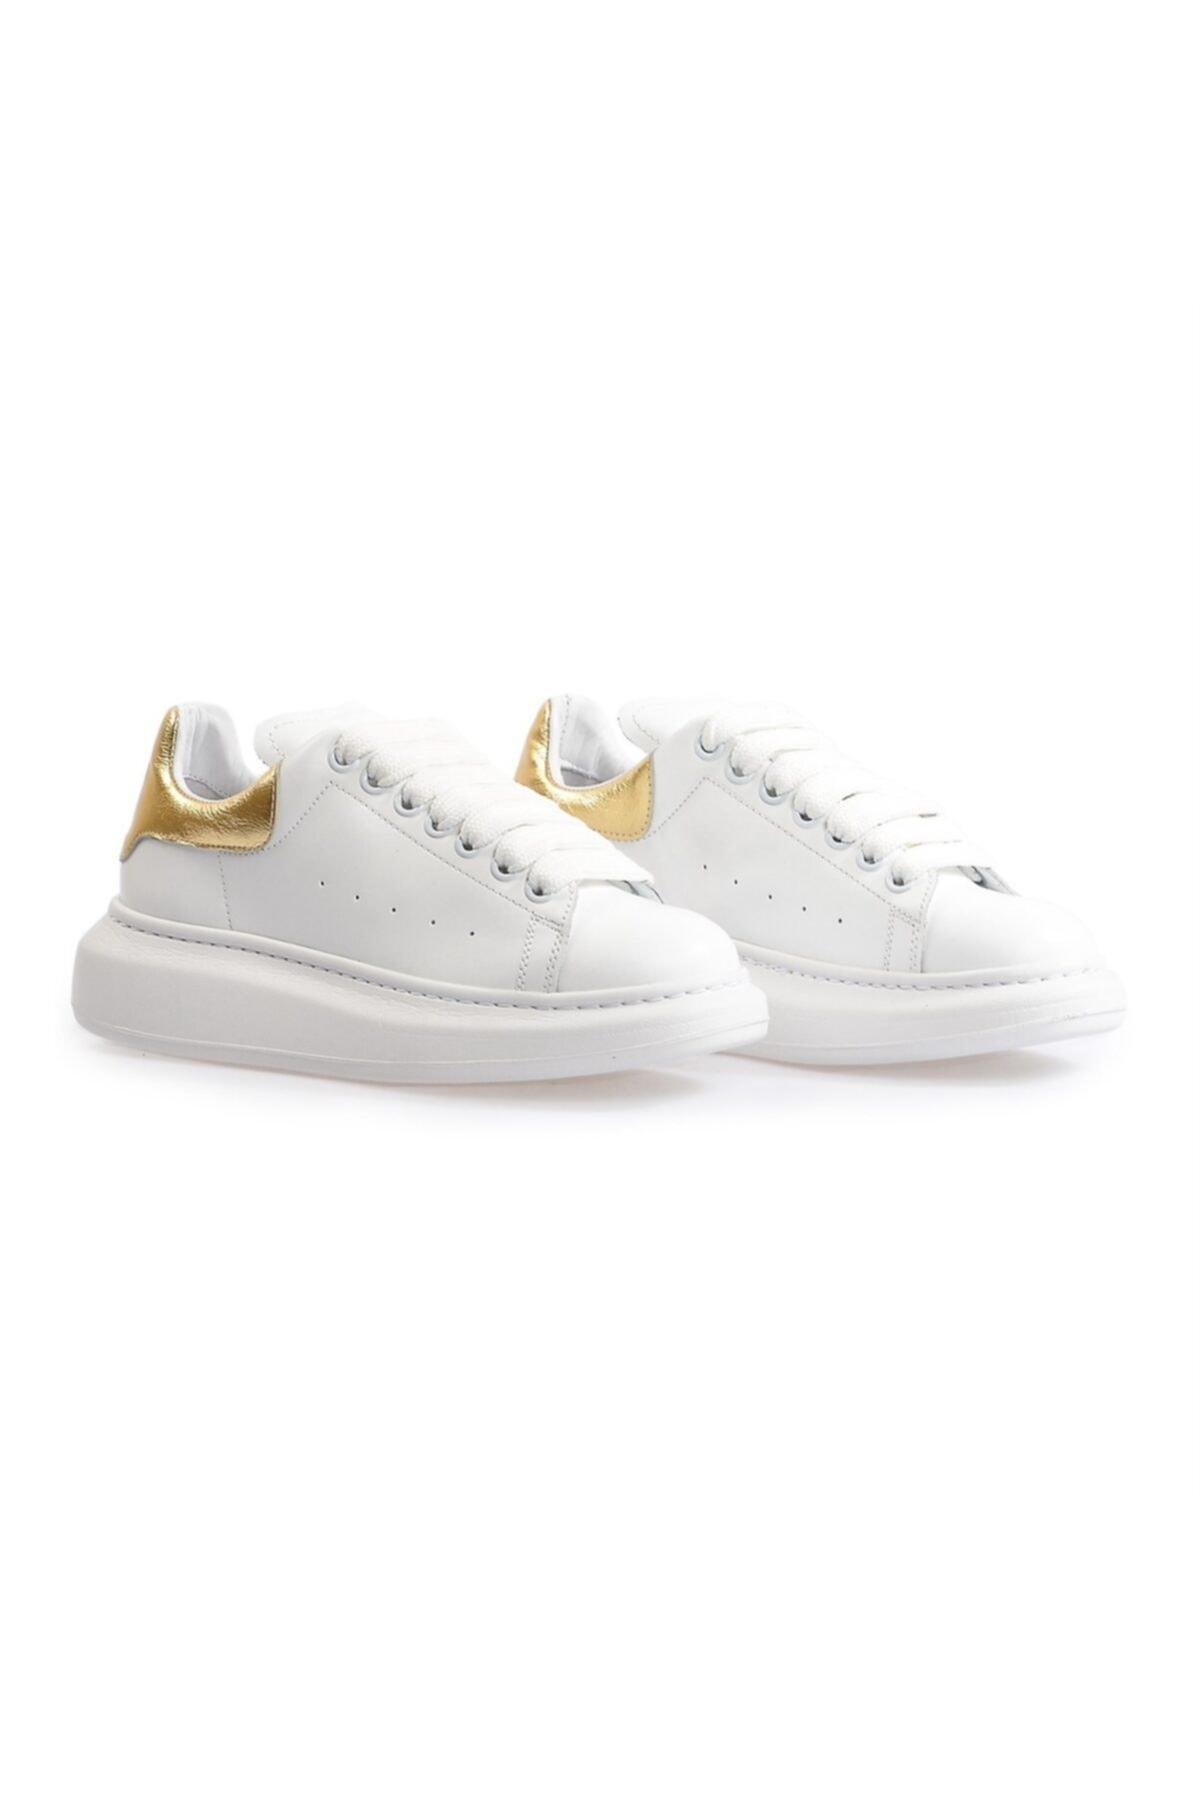 Flower Kadın Beyaz Yüksek Tabanlı Spor Ayakkabı 1